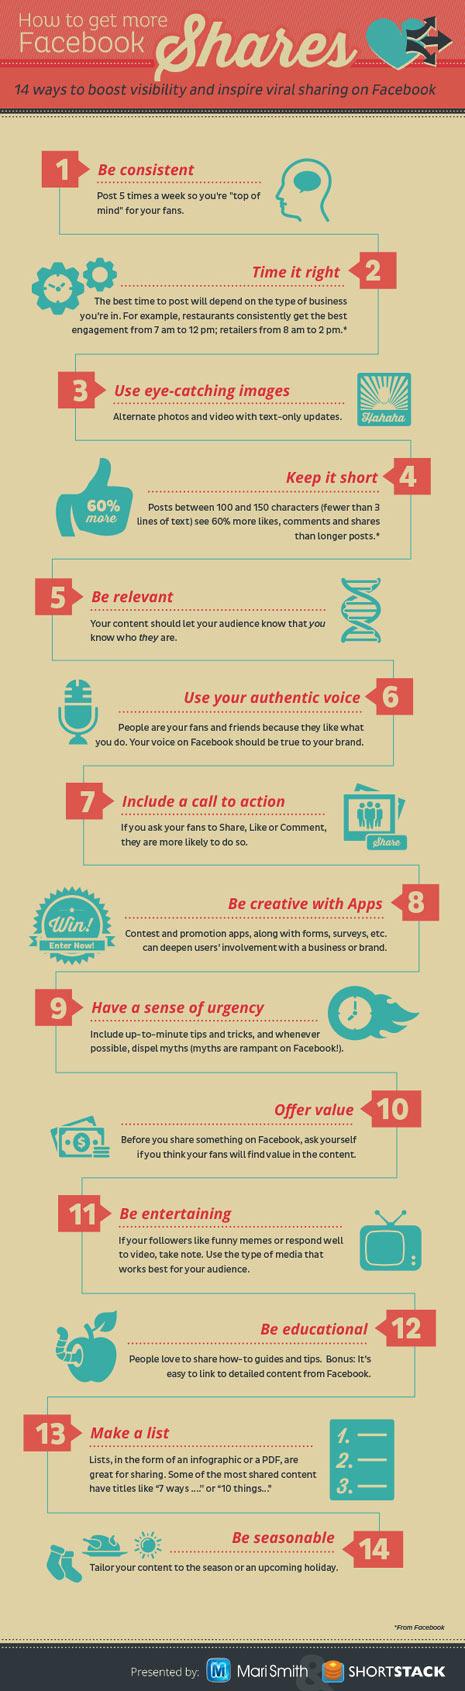 """14 maneras de conseguir más """"shares"""" en Facebook"""